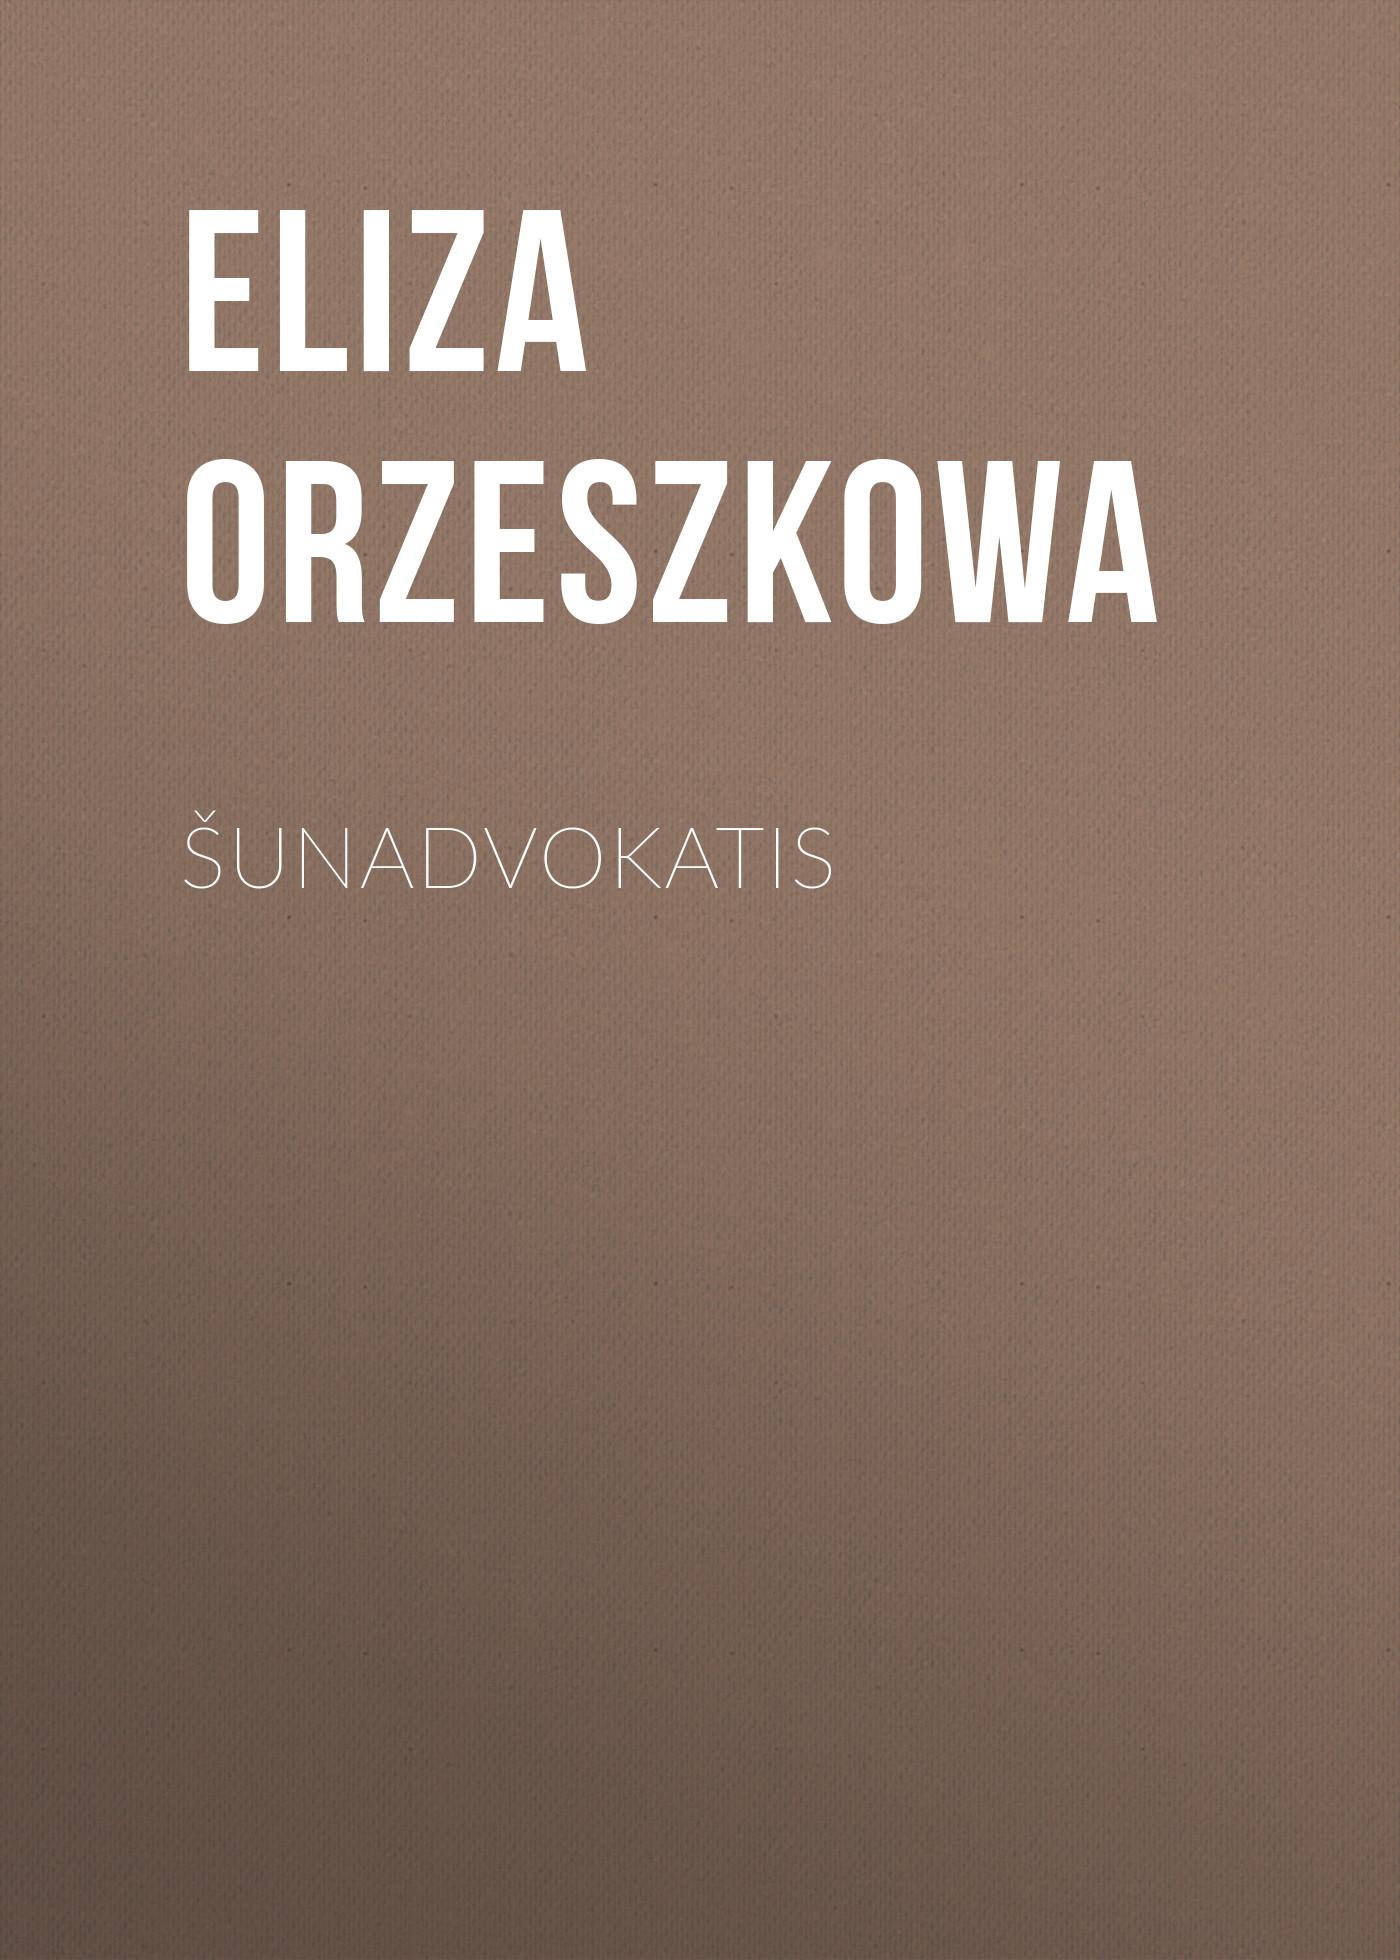 Eliza Orzeszkowa Šunadvokatis jeffrey j fox przelicz to na pieniądze